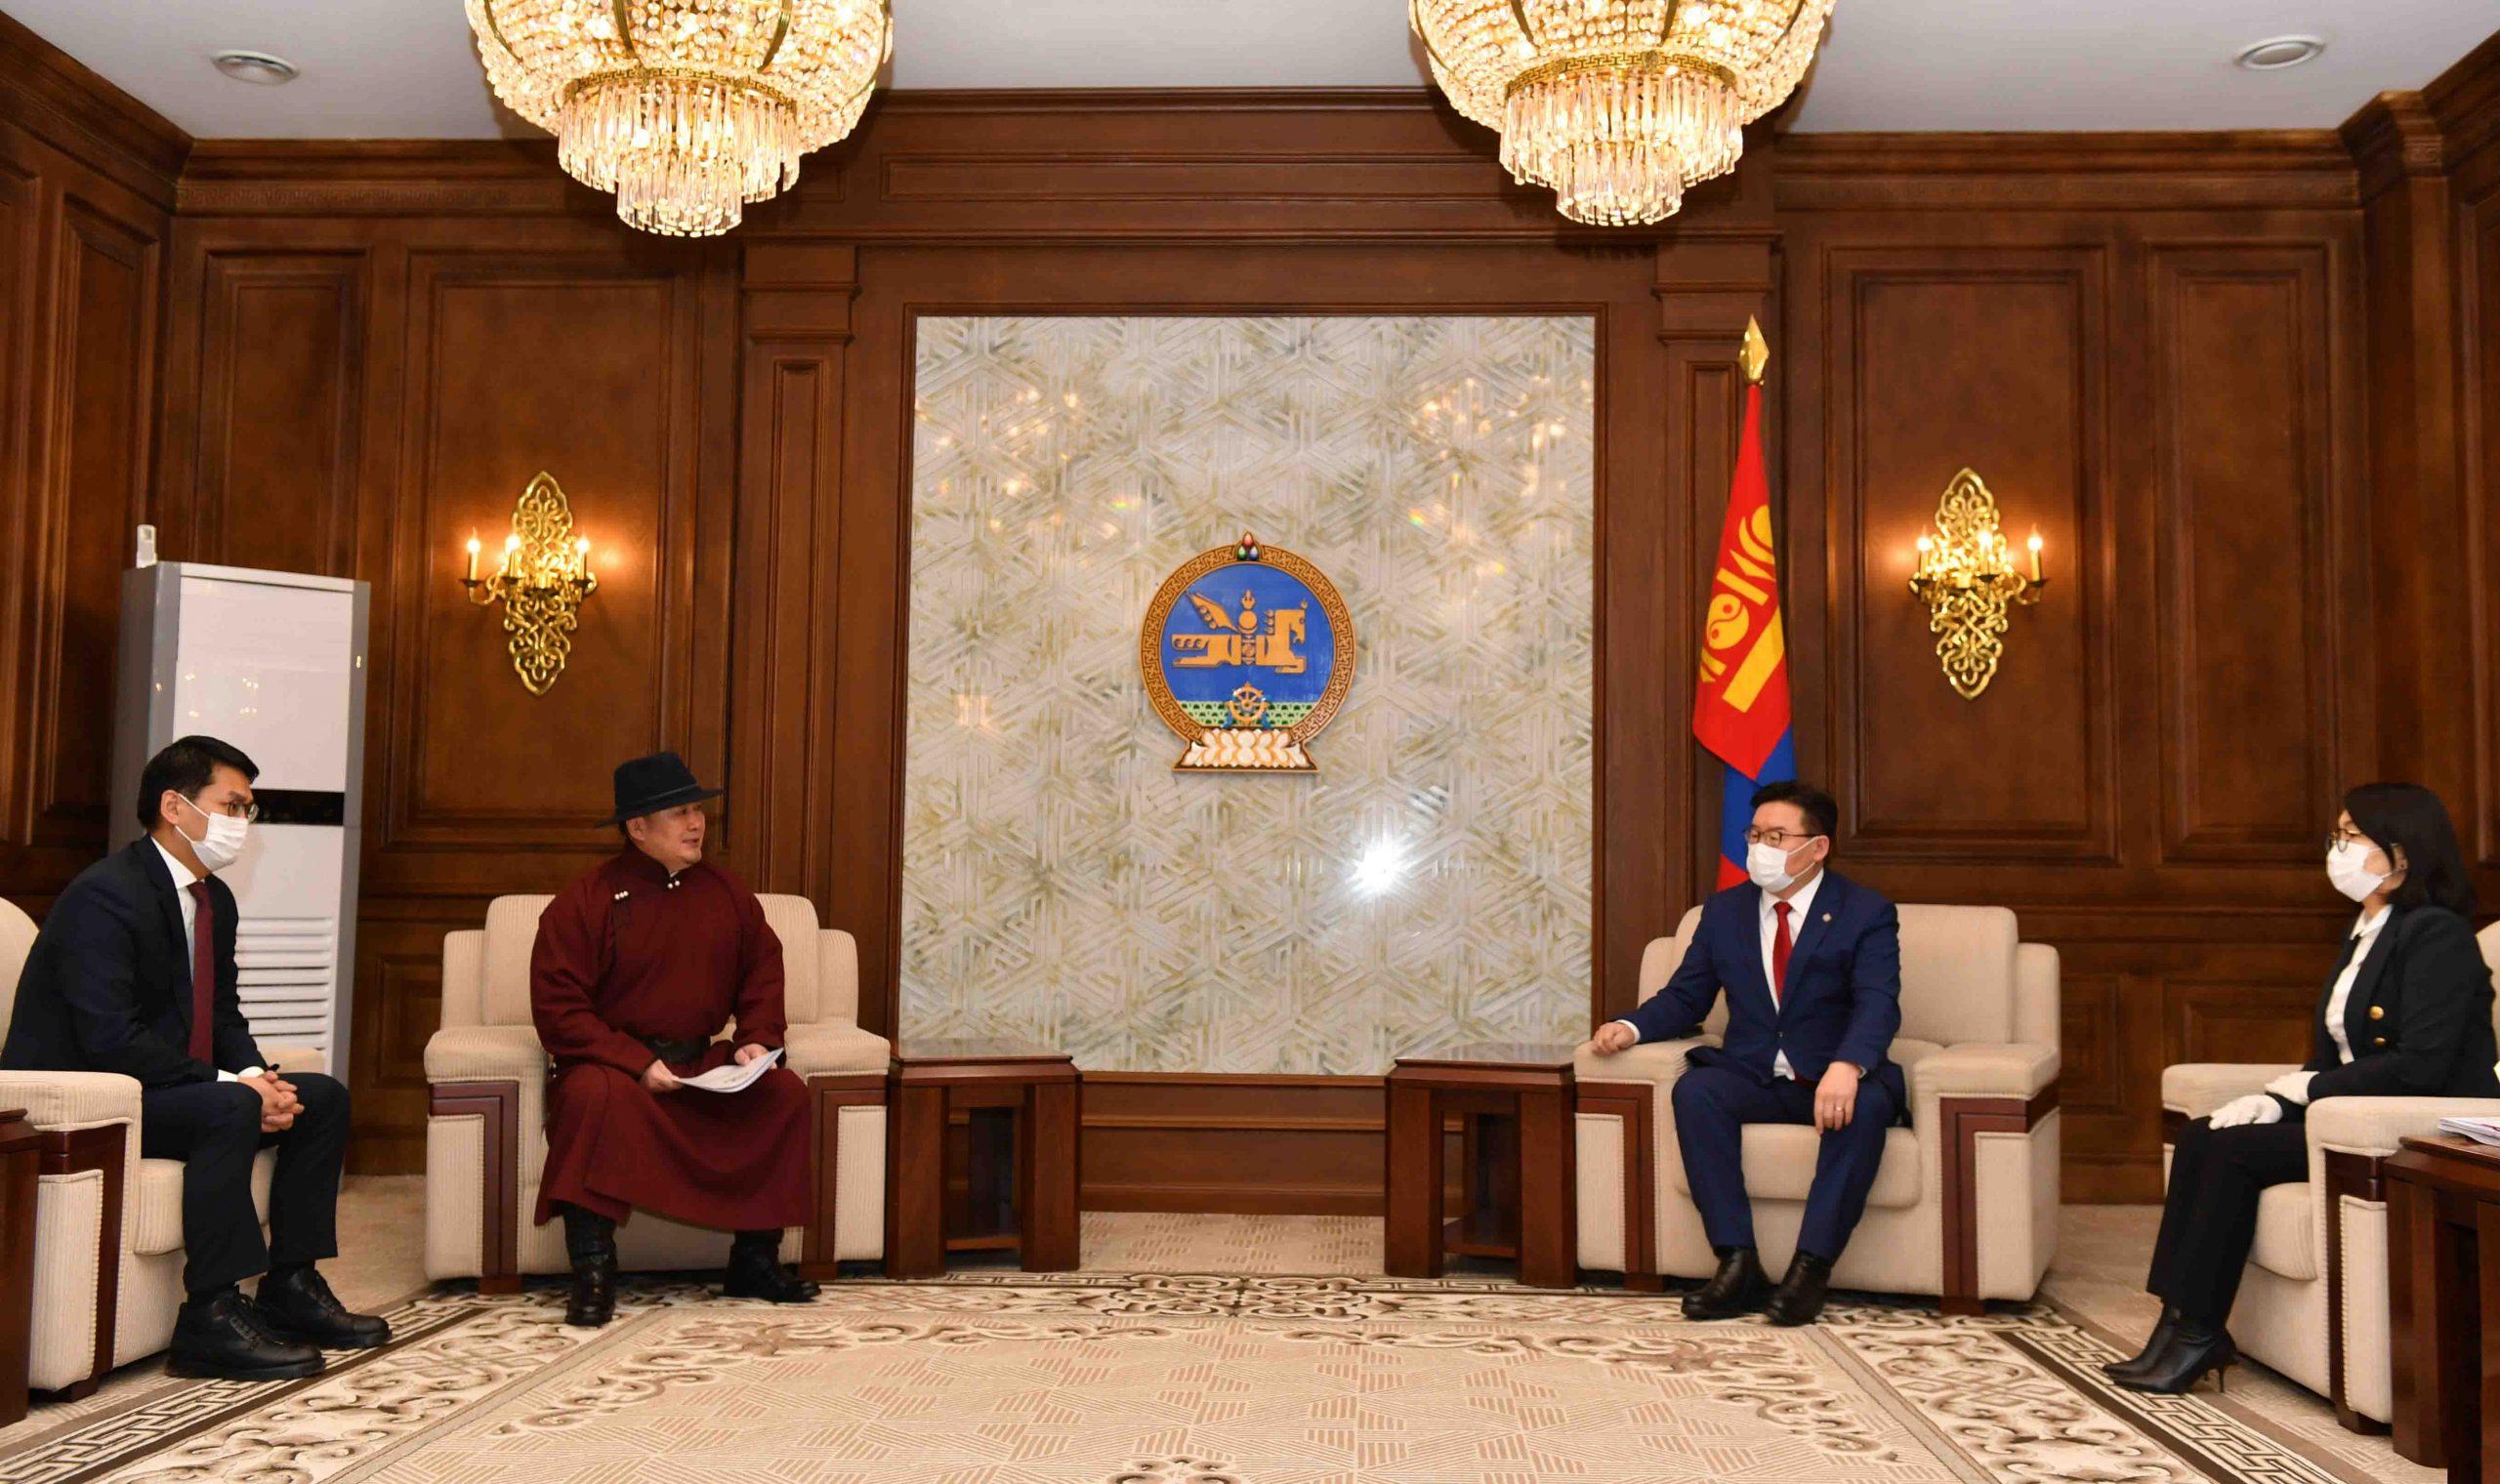 Монгол Улсын Ерөнхийлөгч Х.Баттулга оффшор бүсээс орж ирсэн хөрөнгөөр өрх бүрд нэг сая төгрөгийн дэмжлэг үзүүлэх УИХ-ын тогтоолын төсөл өргөн барилаа